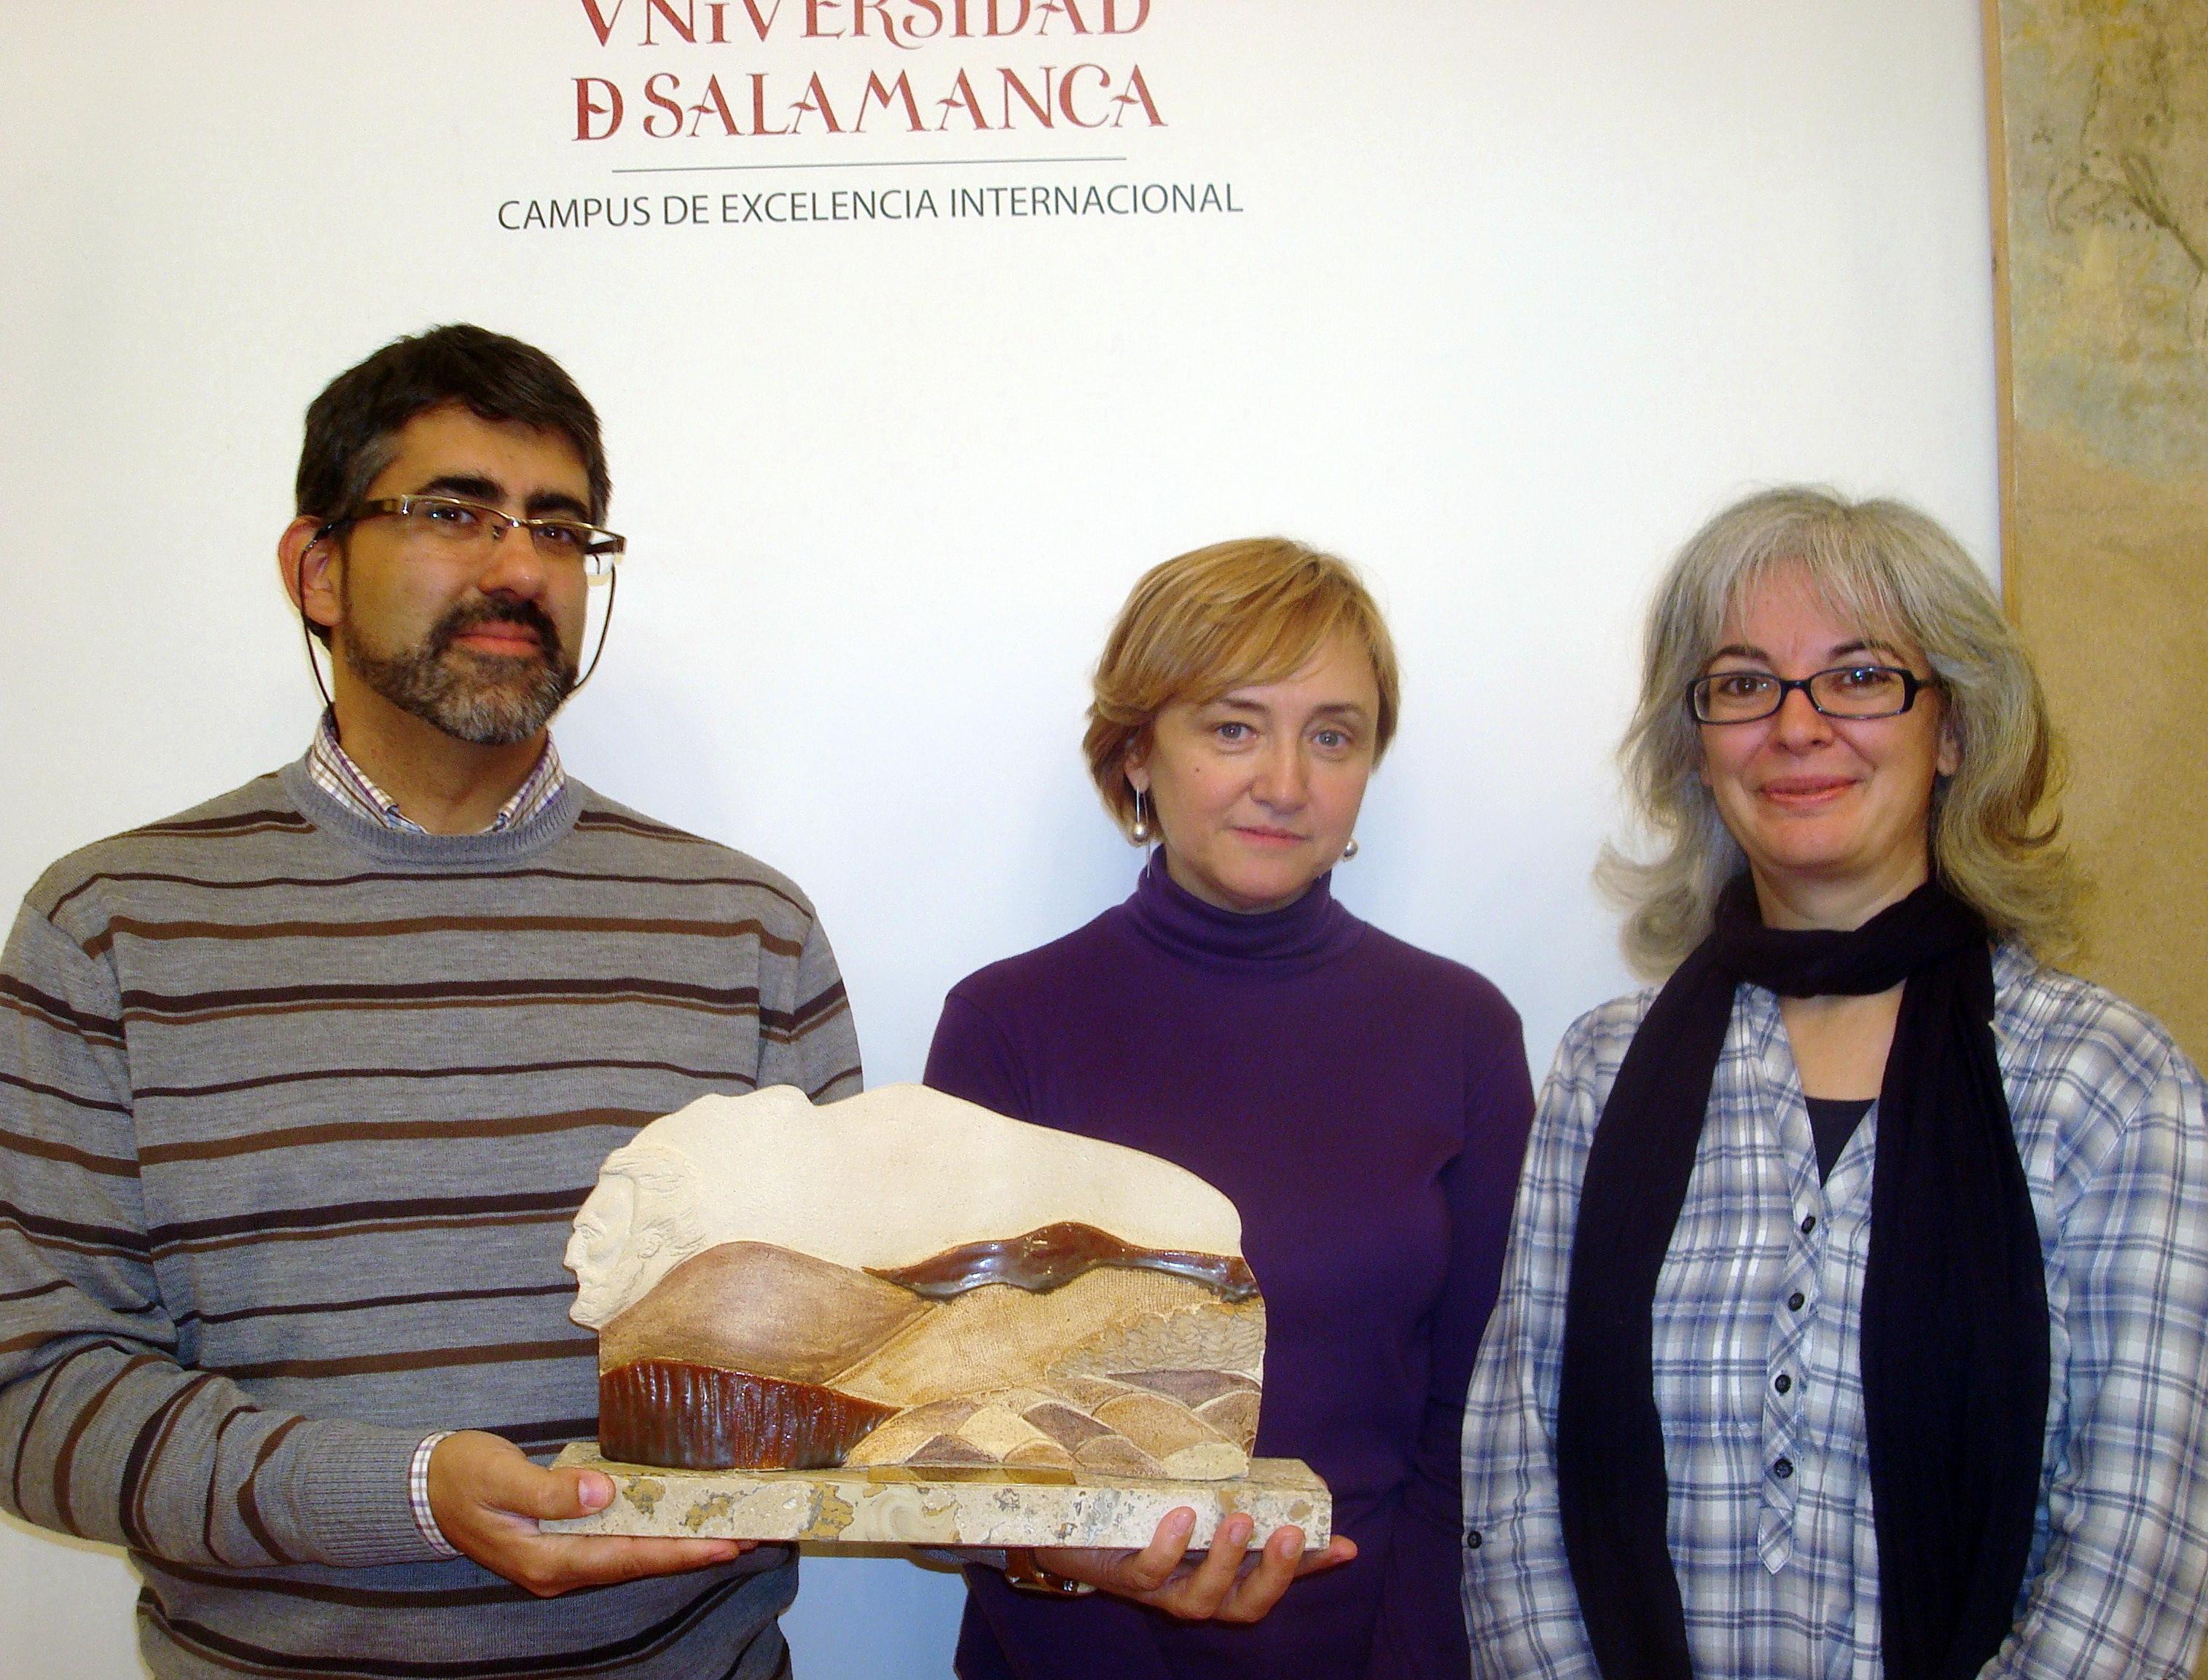 """La Casa-Museo Unamuno recibe la donación de una pieza de cerámica titulada """"Unamuno en la cima"""" de la artista salmantina Ana Jiménez"""